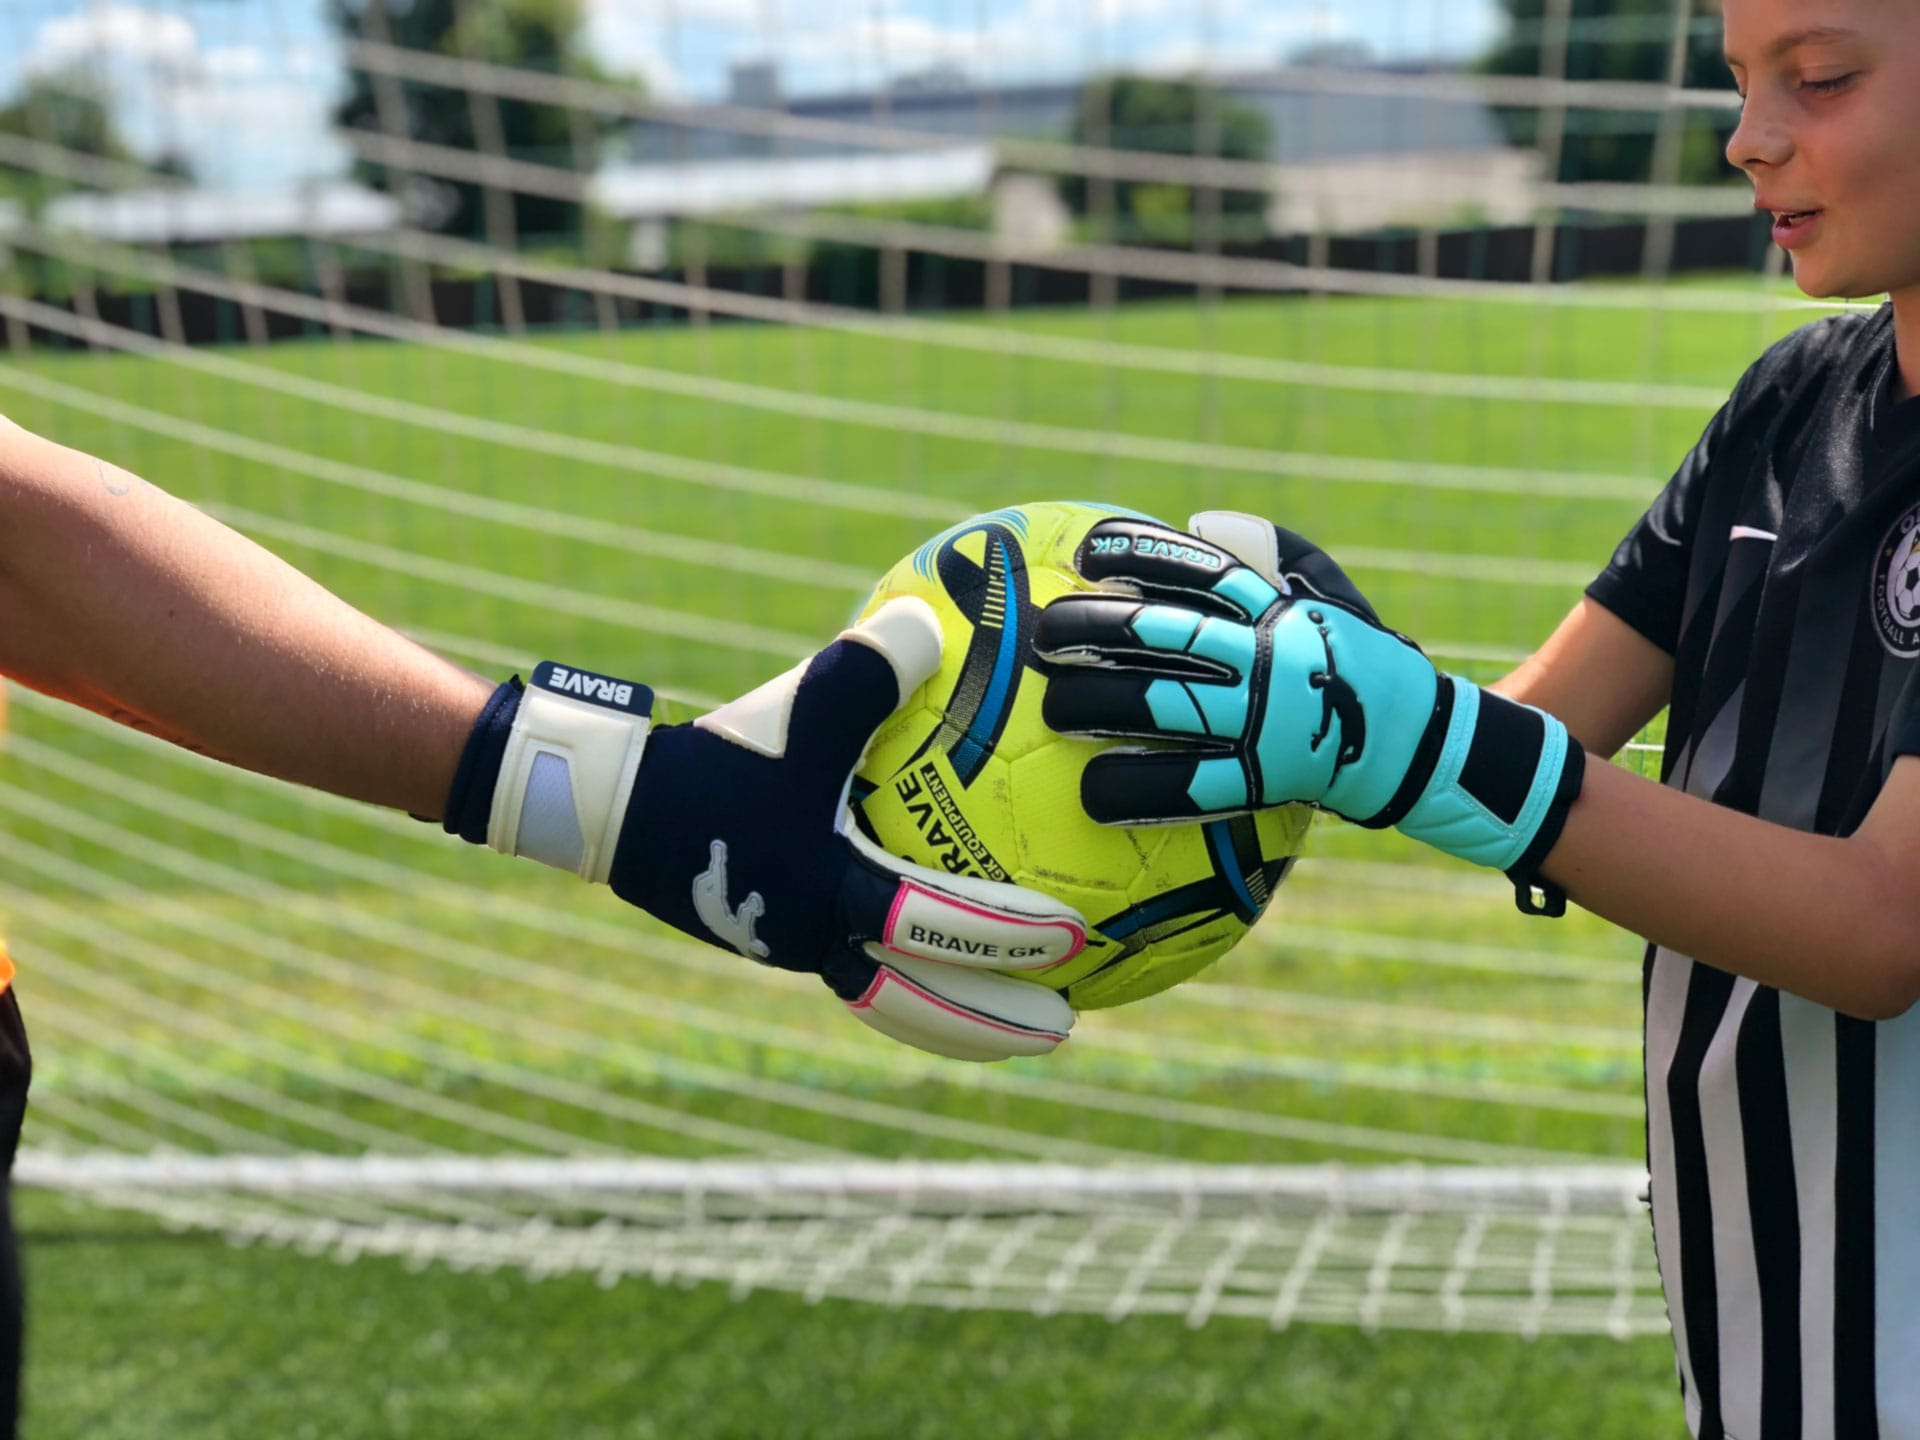 Children's goalkeeper gloves Brave GK Winner-official online store Brave GK